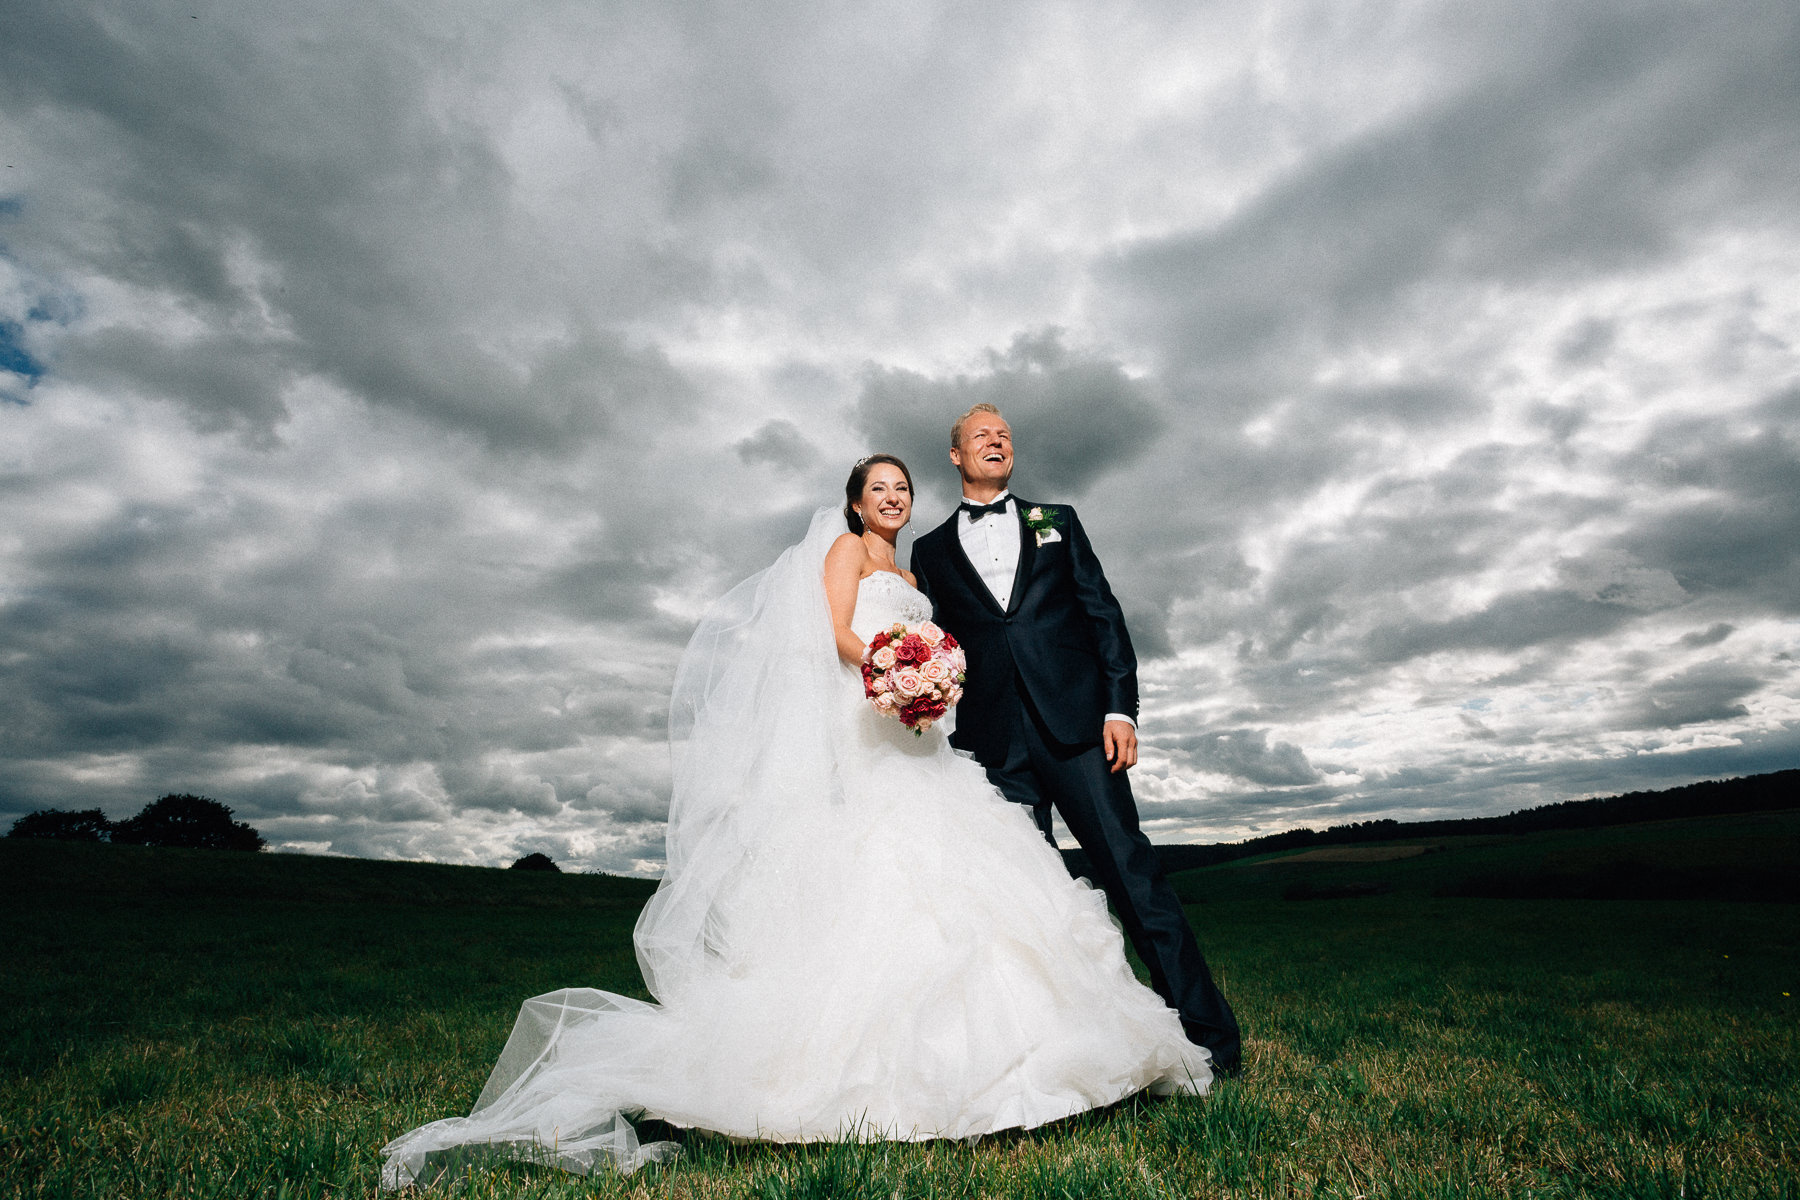 schloss romrod Hochzeit knippslicht fotografie